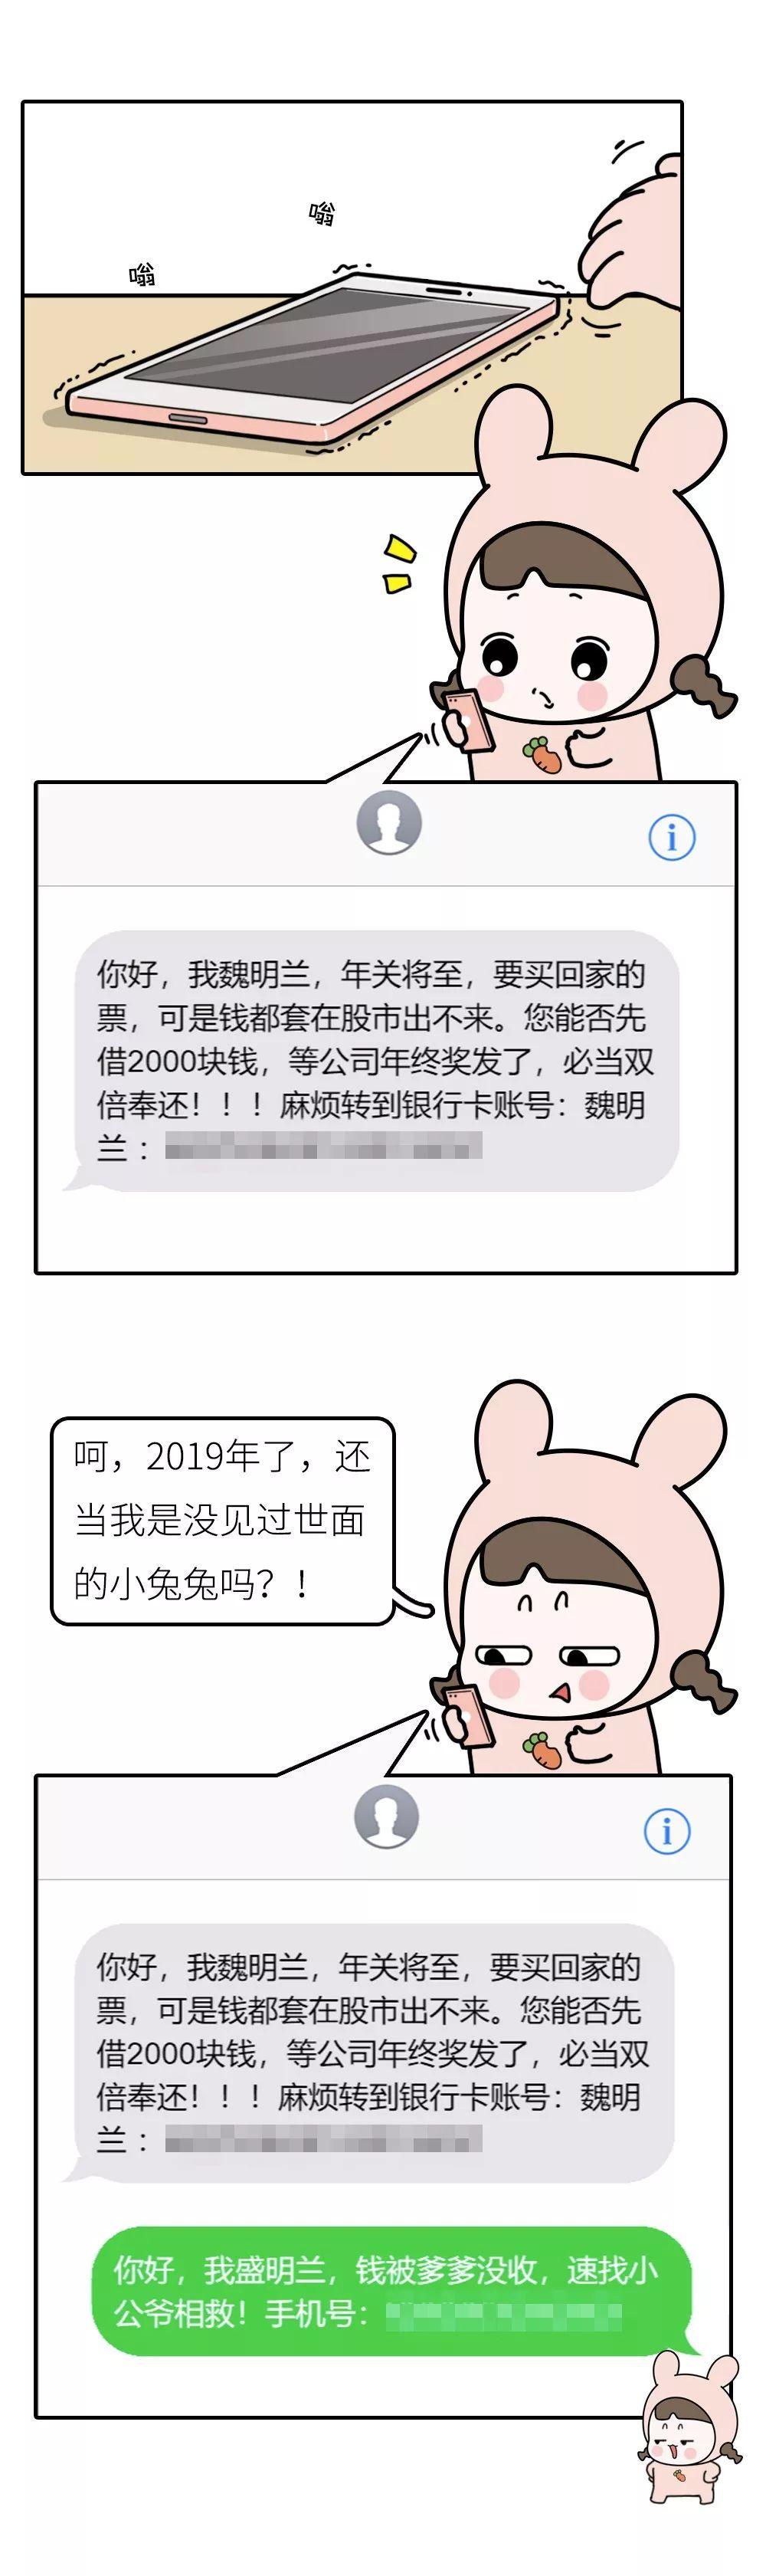 桂林人过年收到骗子短信千万别删!哈哈哈哈哈,笑到变形!